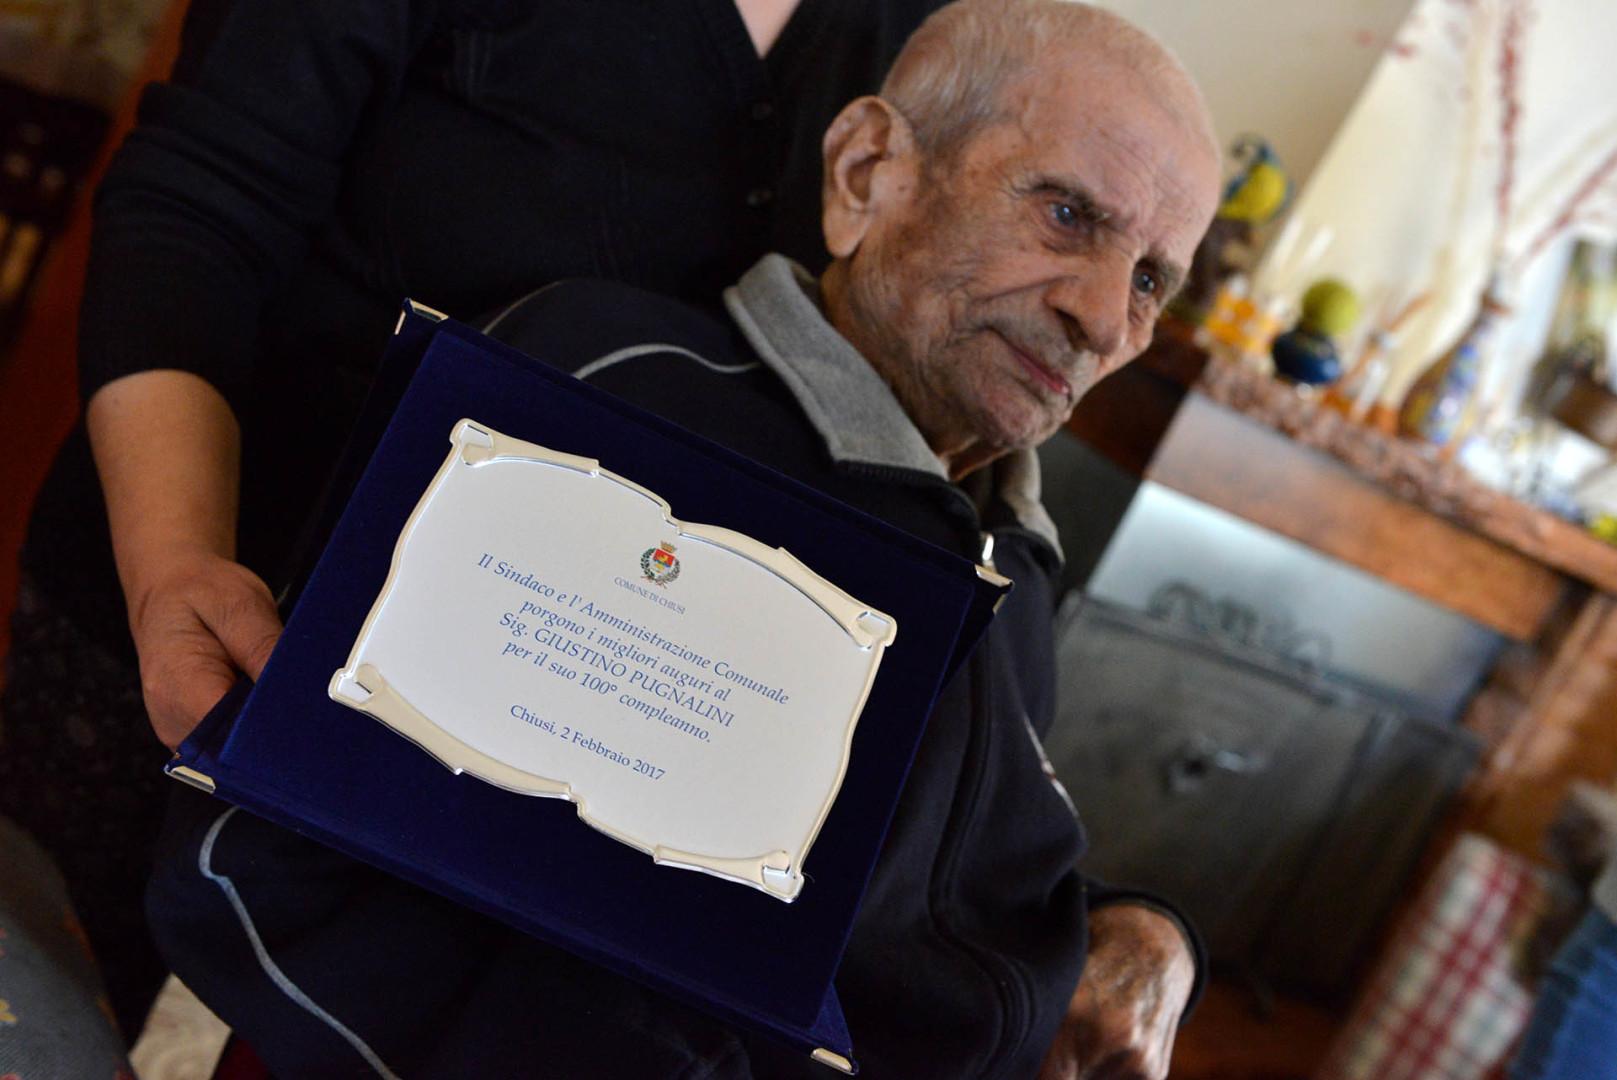 Chiusi: Auguri per i 100 anni di nonna Santina e nonno Giustino